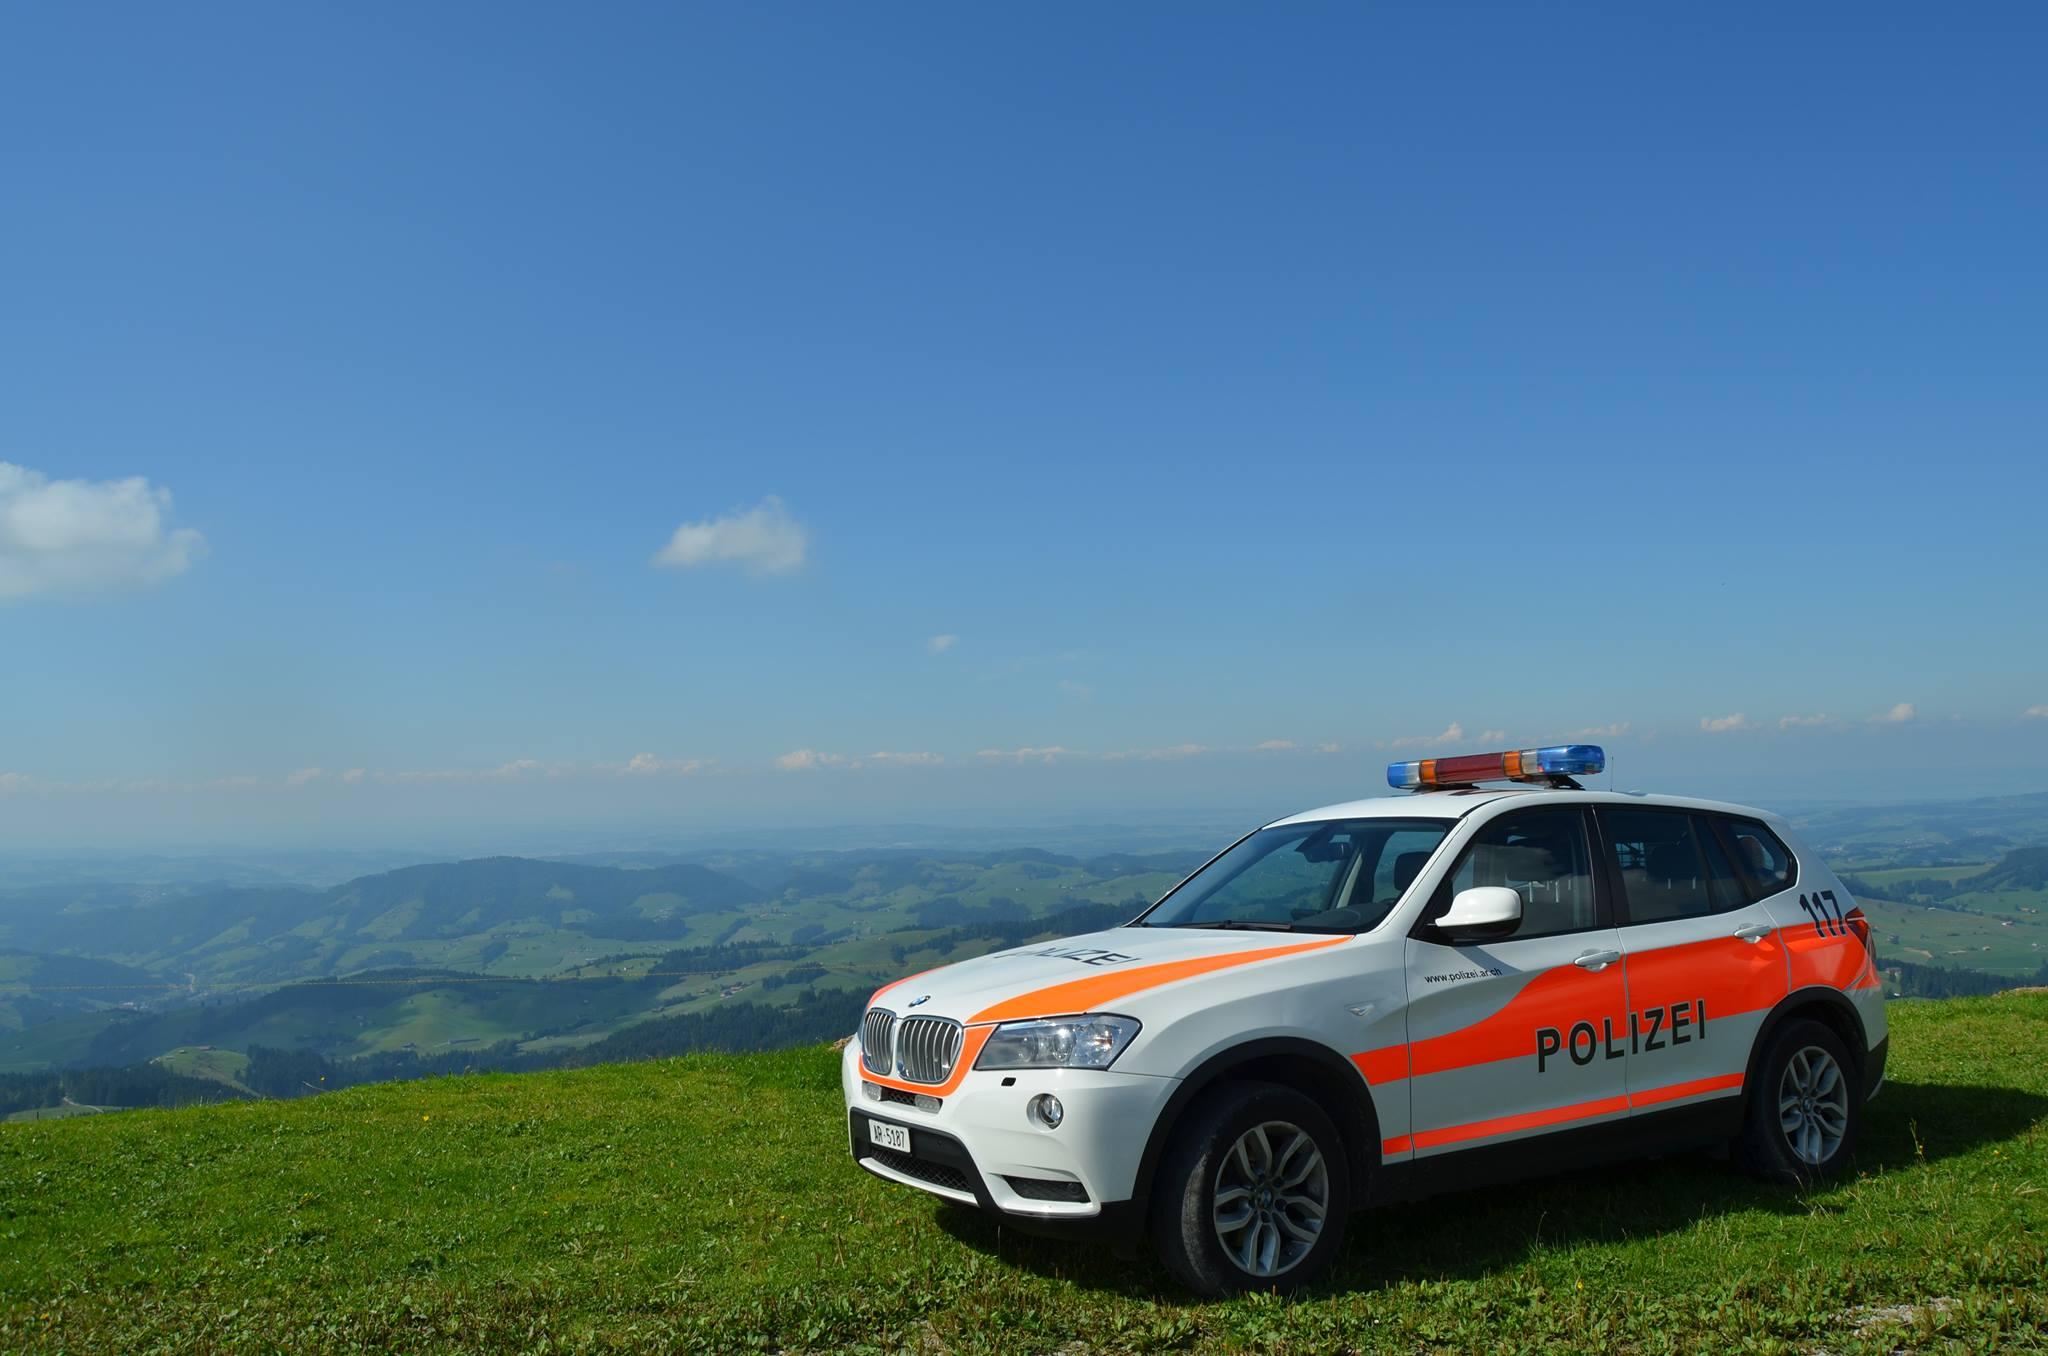 """Die Polizei Appenzell Ausserrhoden bezeichnet die Regional- und Verkehrspolizei selbst als """"Feuerwehr"""", da die Mitarbeiterinnen und Mitarbeiter überall dort zur Stelle sind, wo eine schnelle Unterstützung gefragt ist. (Bildquelle: Kapo Appenzell-Ausserrhoden)"""